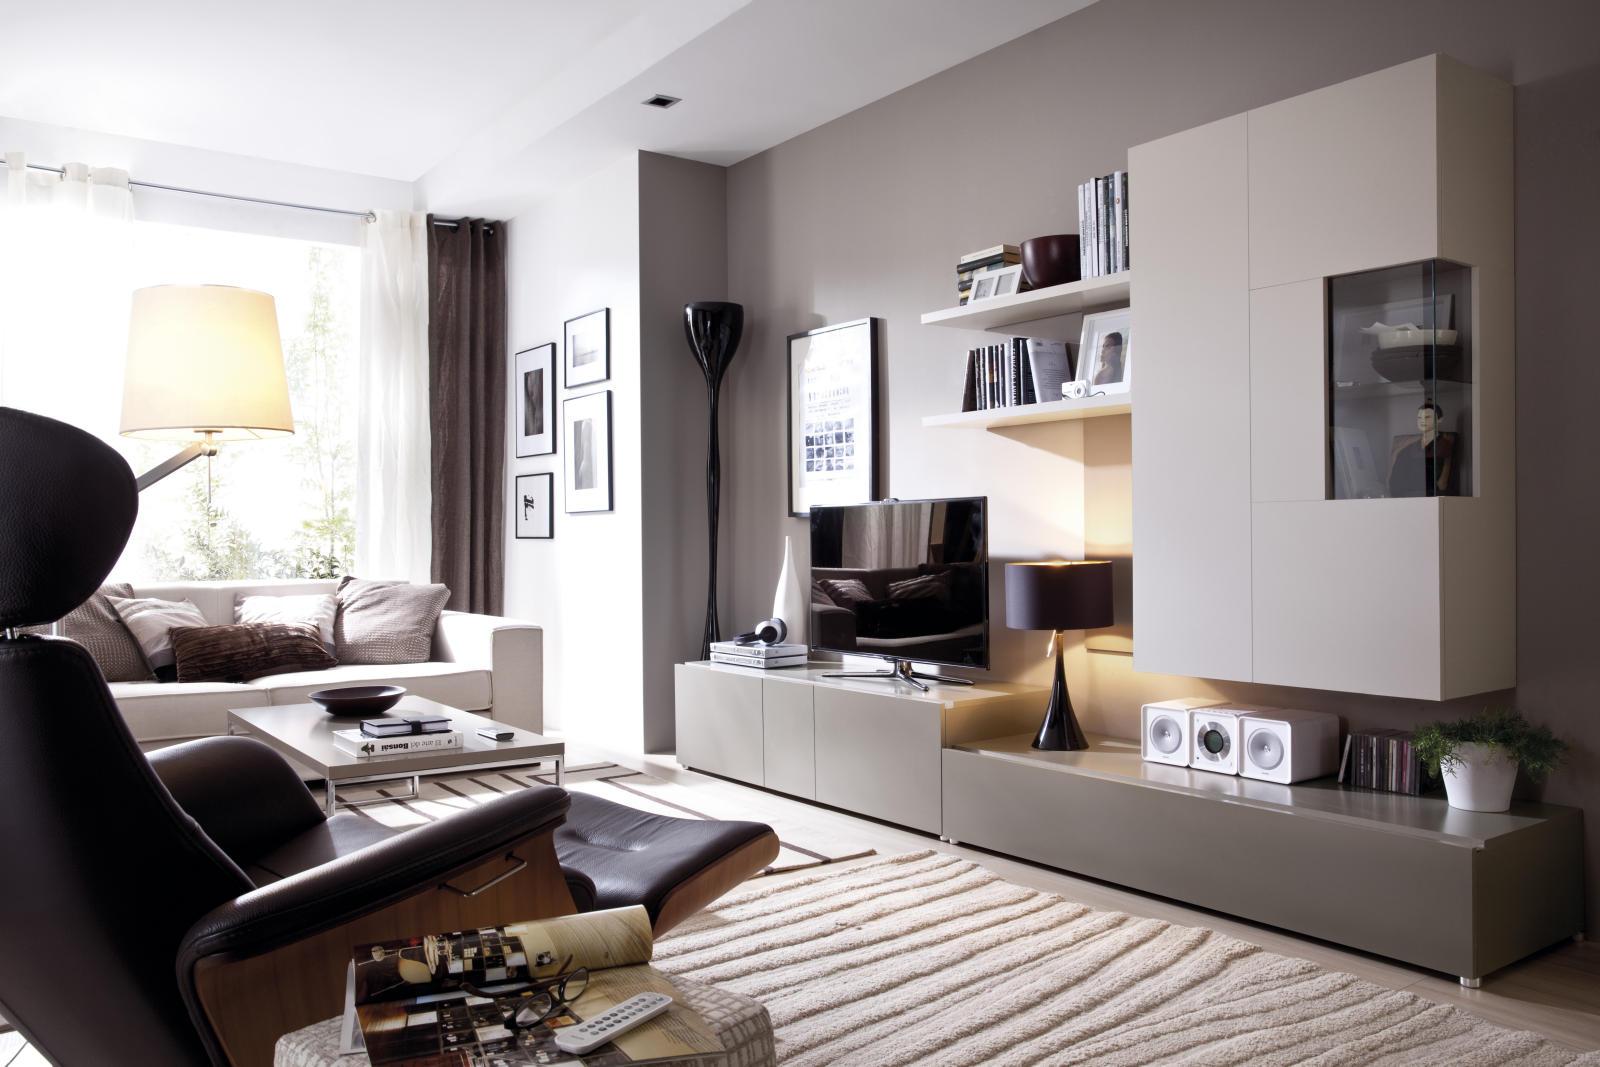 Sillas de dise o muebles epa blog - Muebles modernos ikea ...